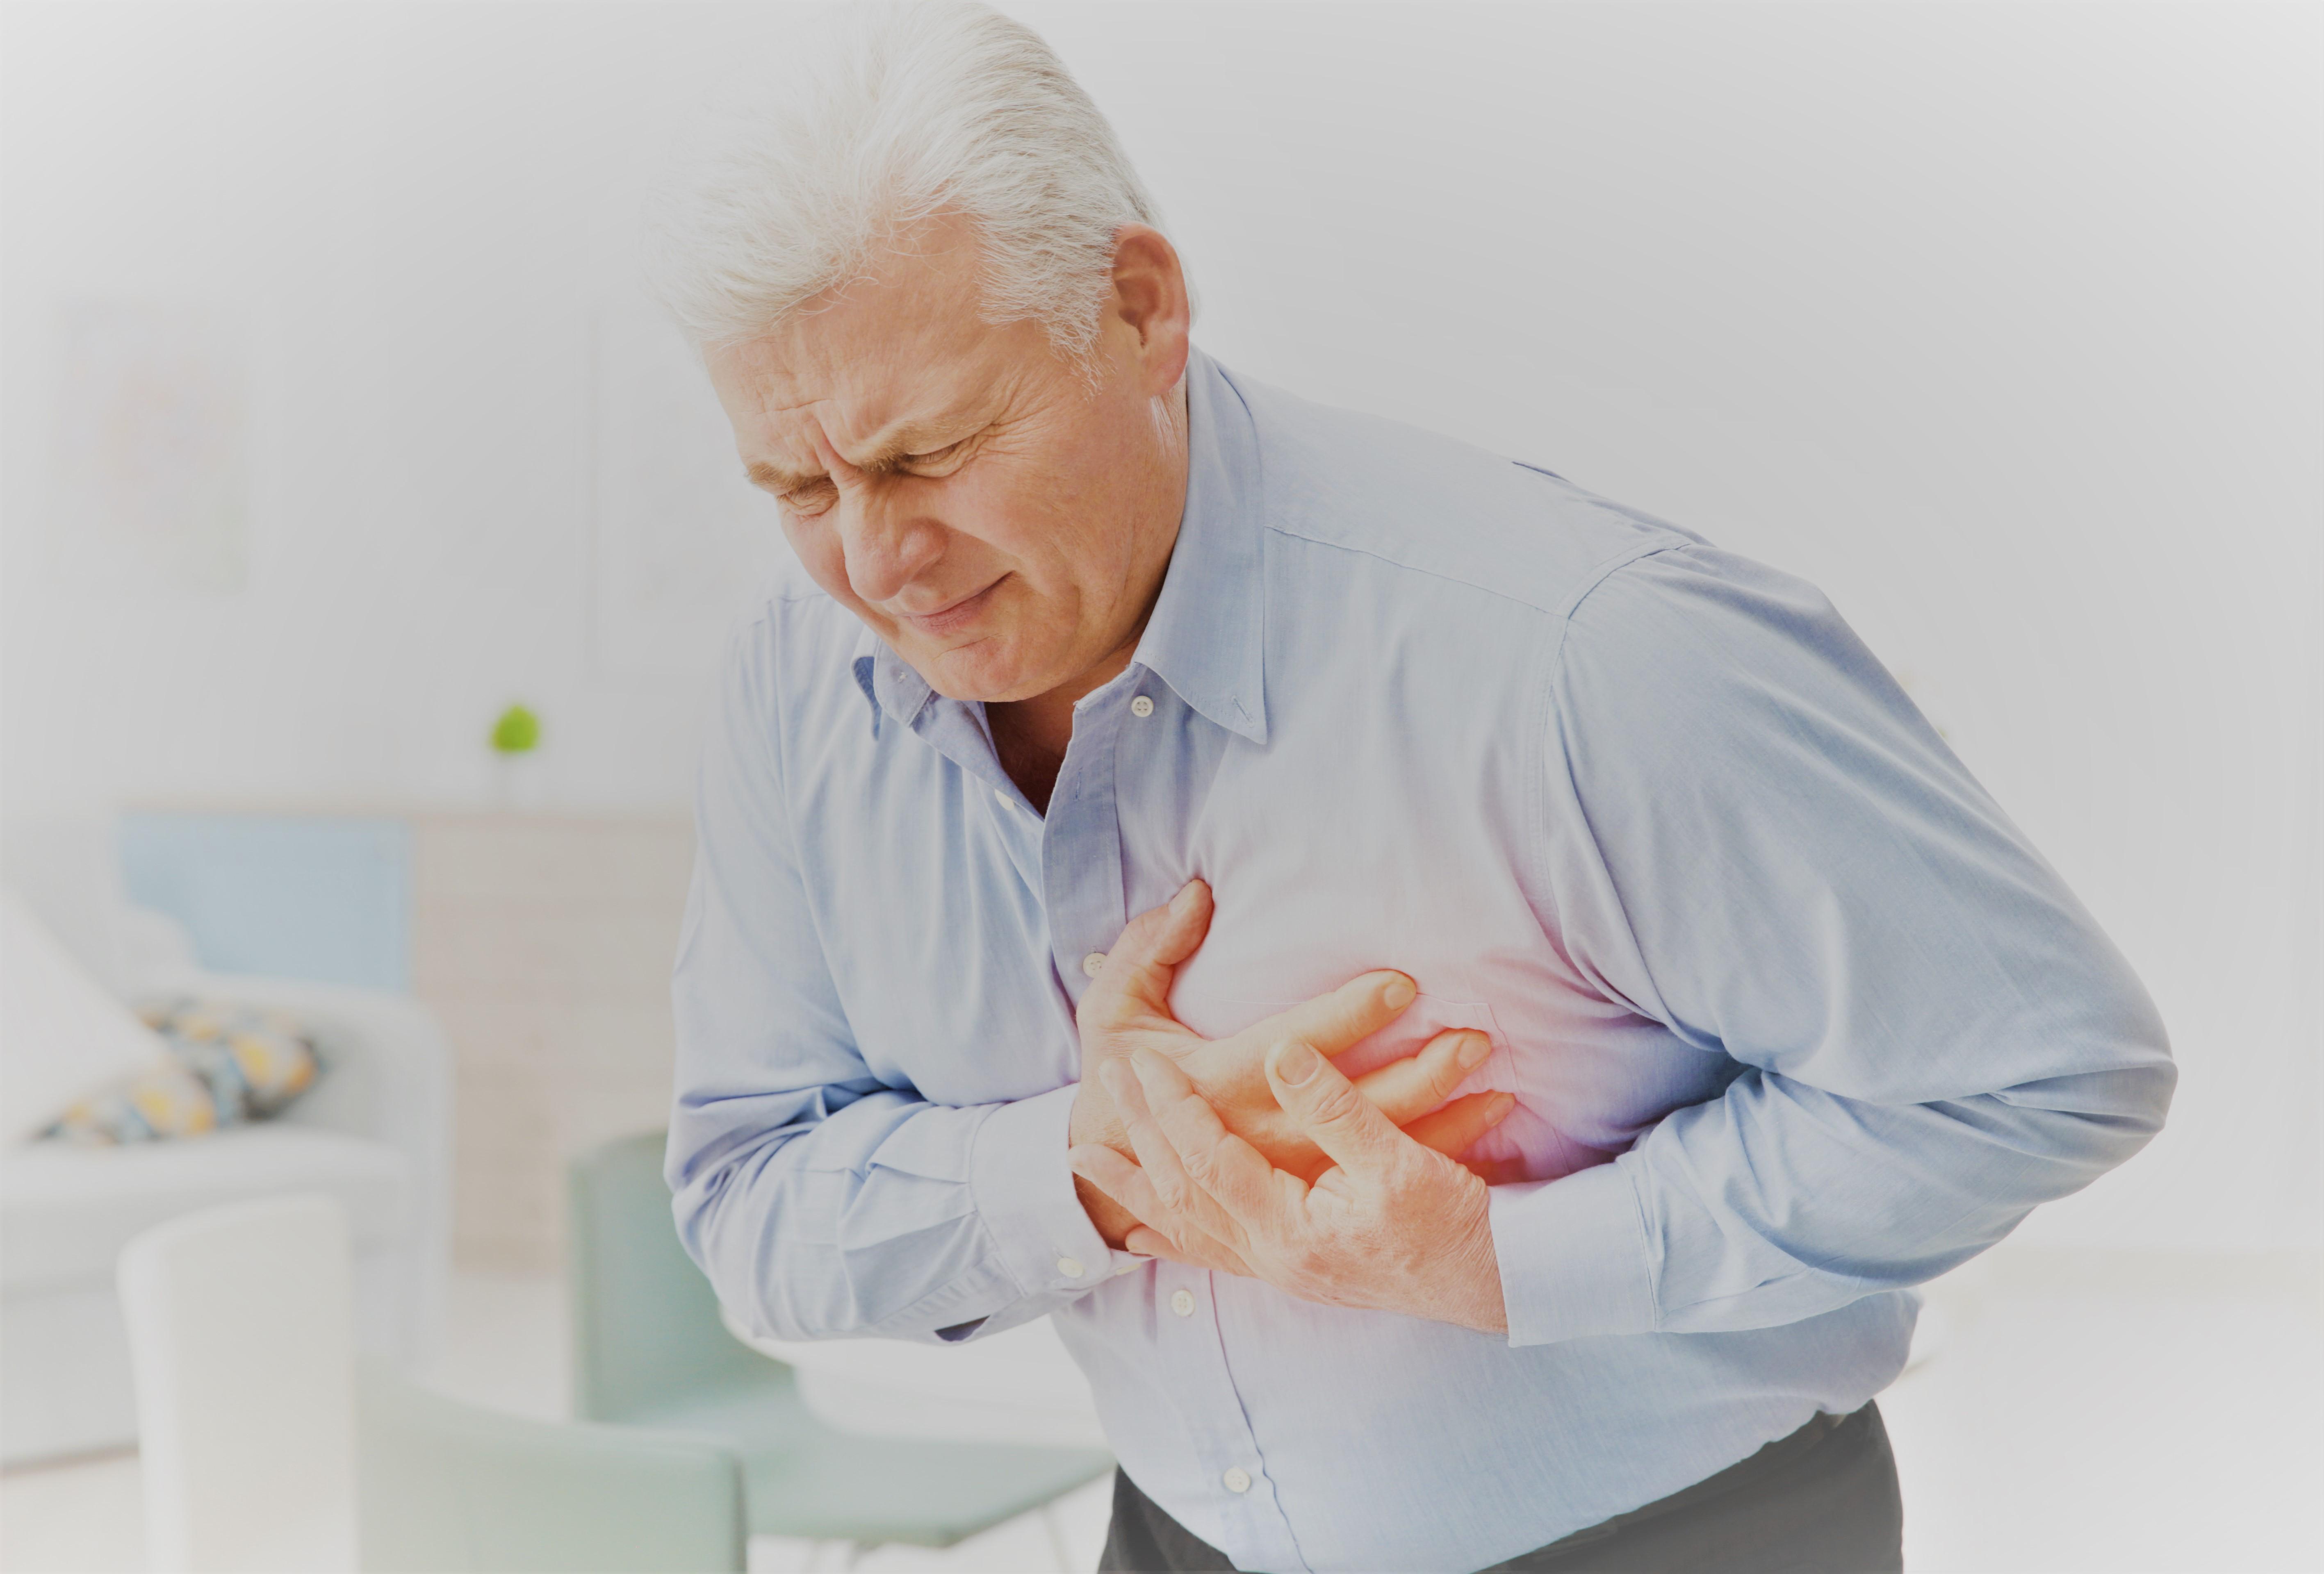 hogyan fáj a szív magas vérnyomás miatt)